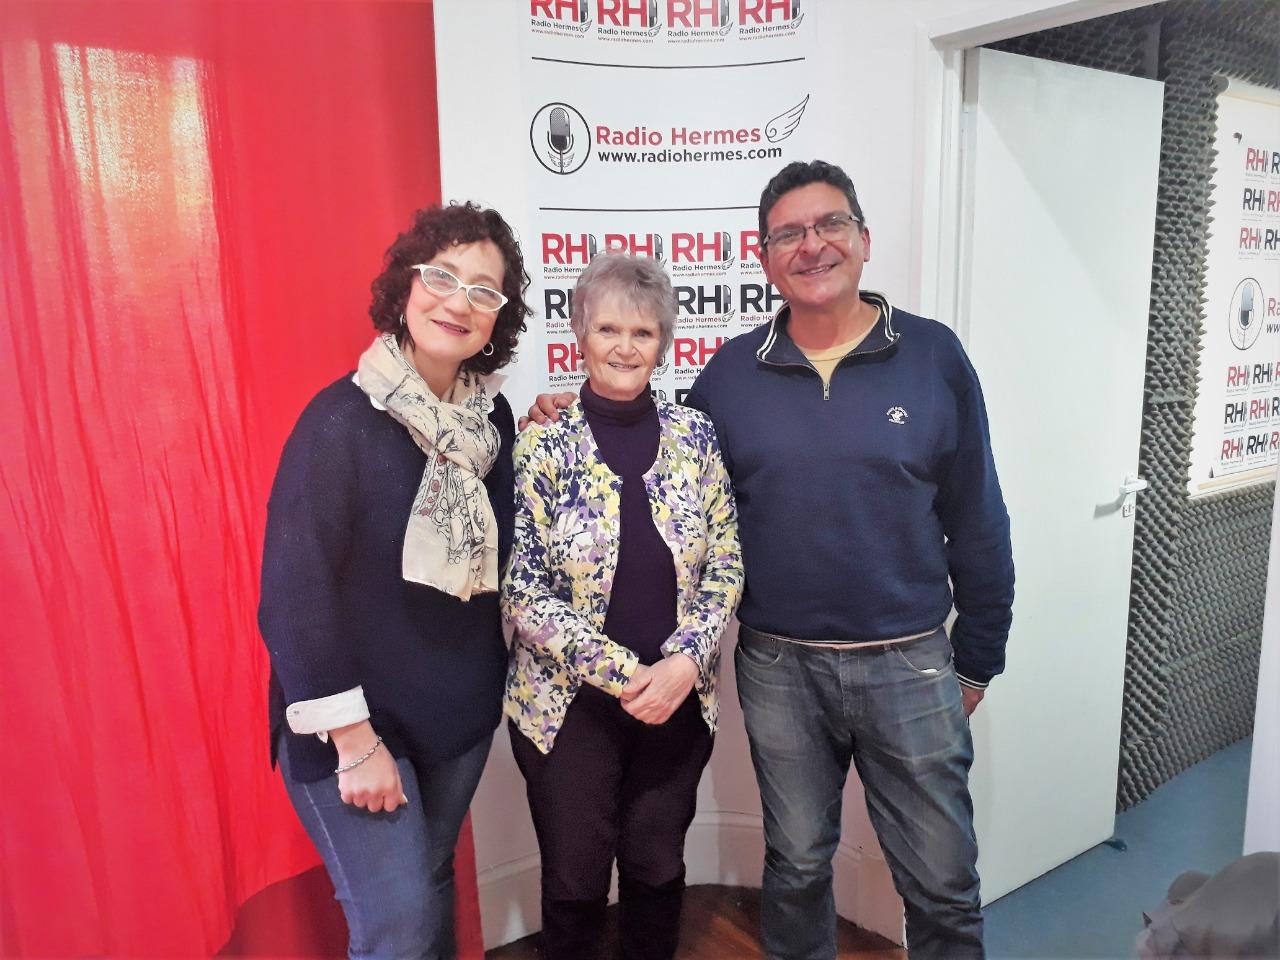 Después de la charla, Lena Reingold y Marcelo Della Mora en la sede de Radio Hermes, el emprendimiento cultural de Pablo Duarte.